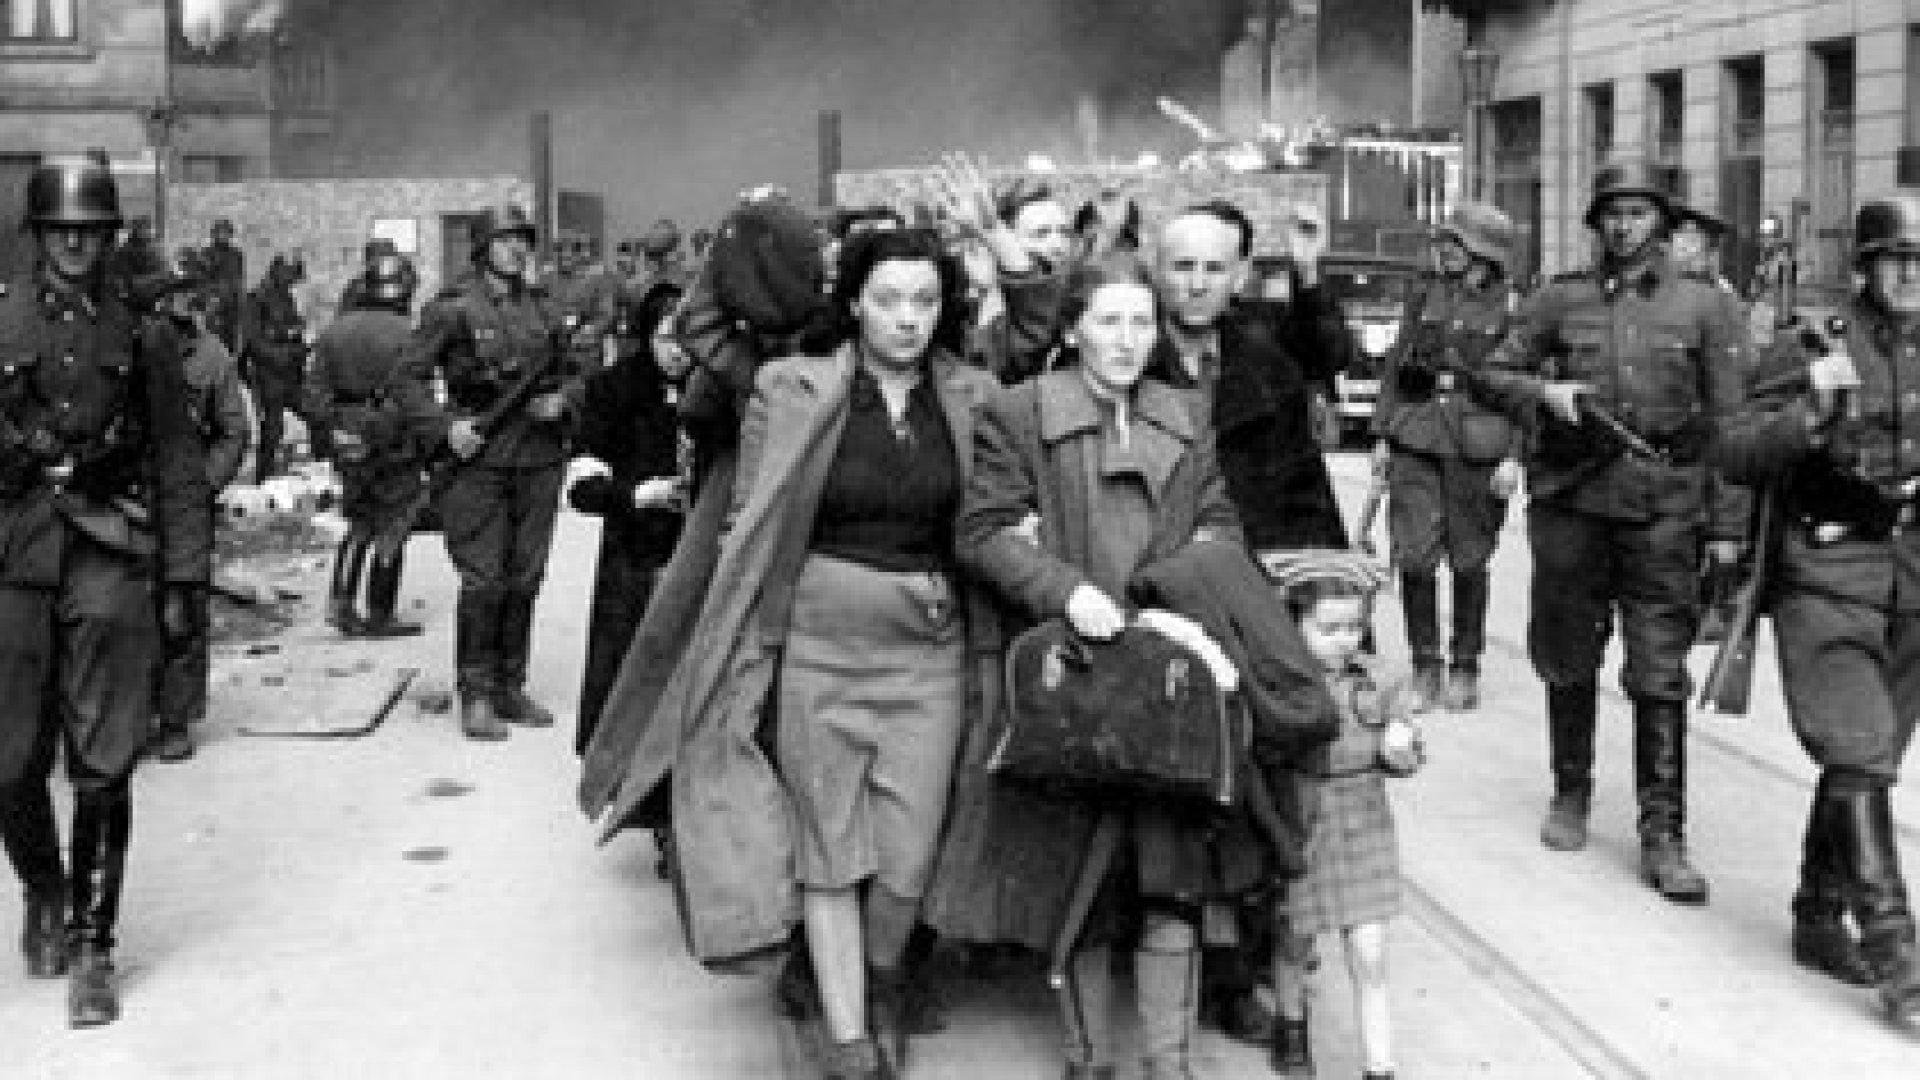 Un grupo de judíos polacos siendo deportados del gueto de Varsovia (AP)